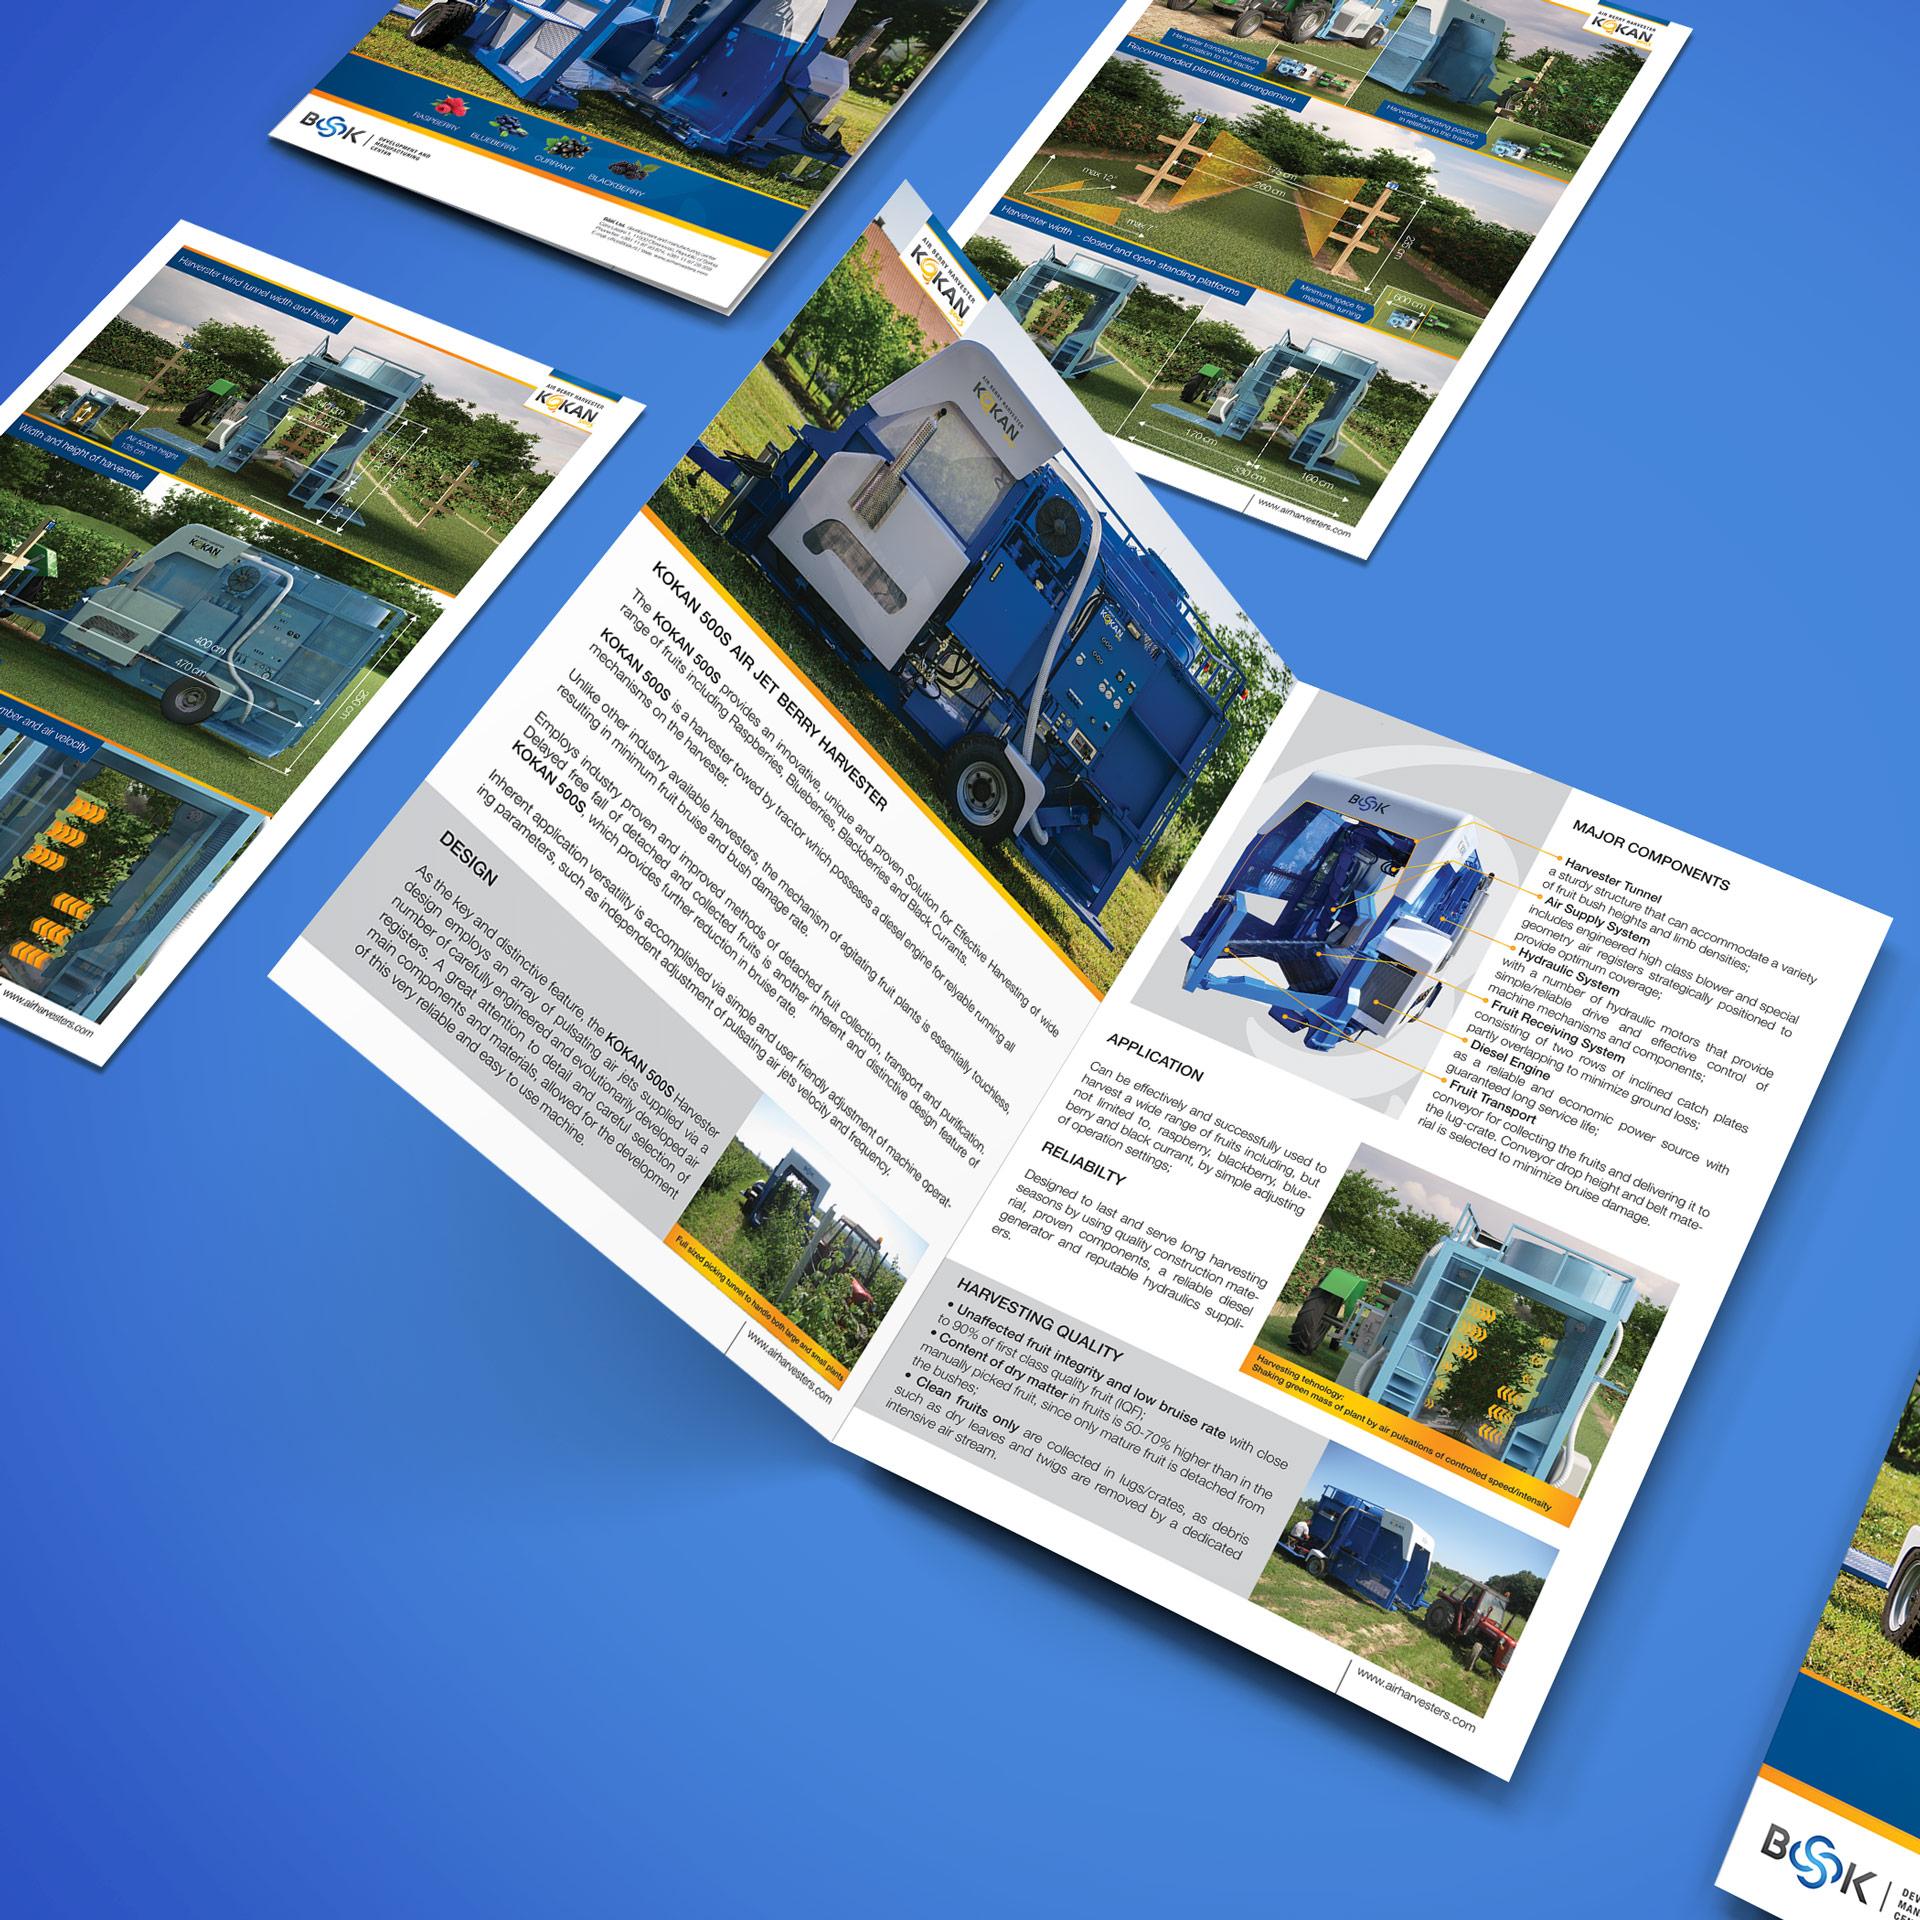 Dizajn i izrada brošure za Kokan vazdušni berač voća kompanije BSK iz Obrenovca